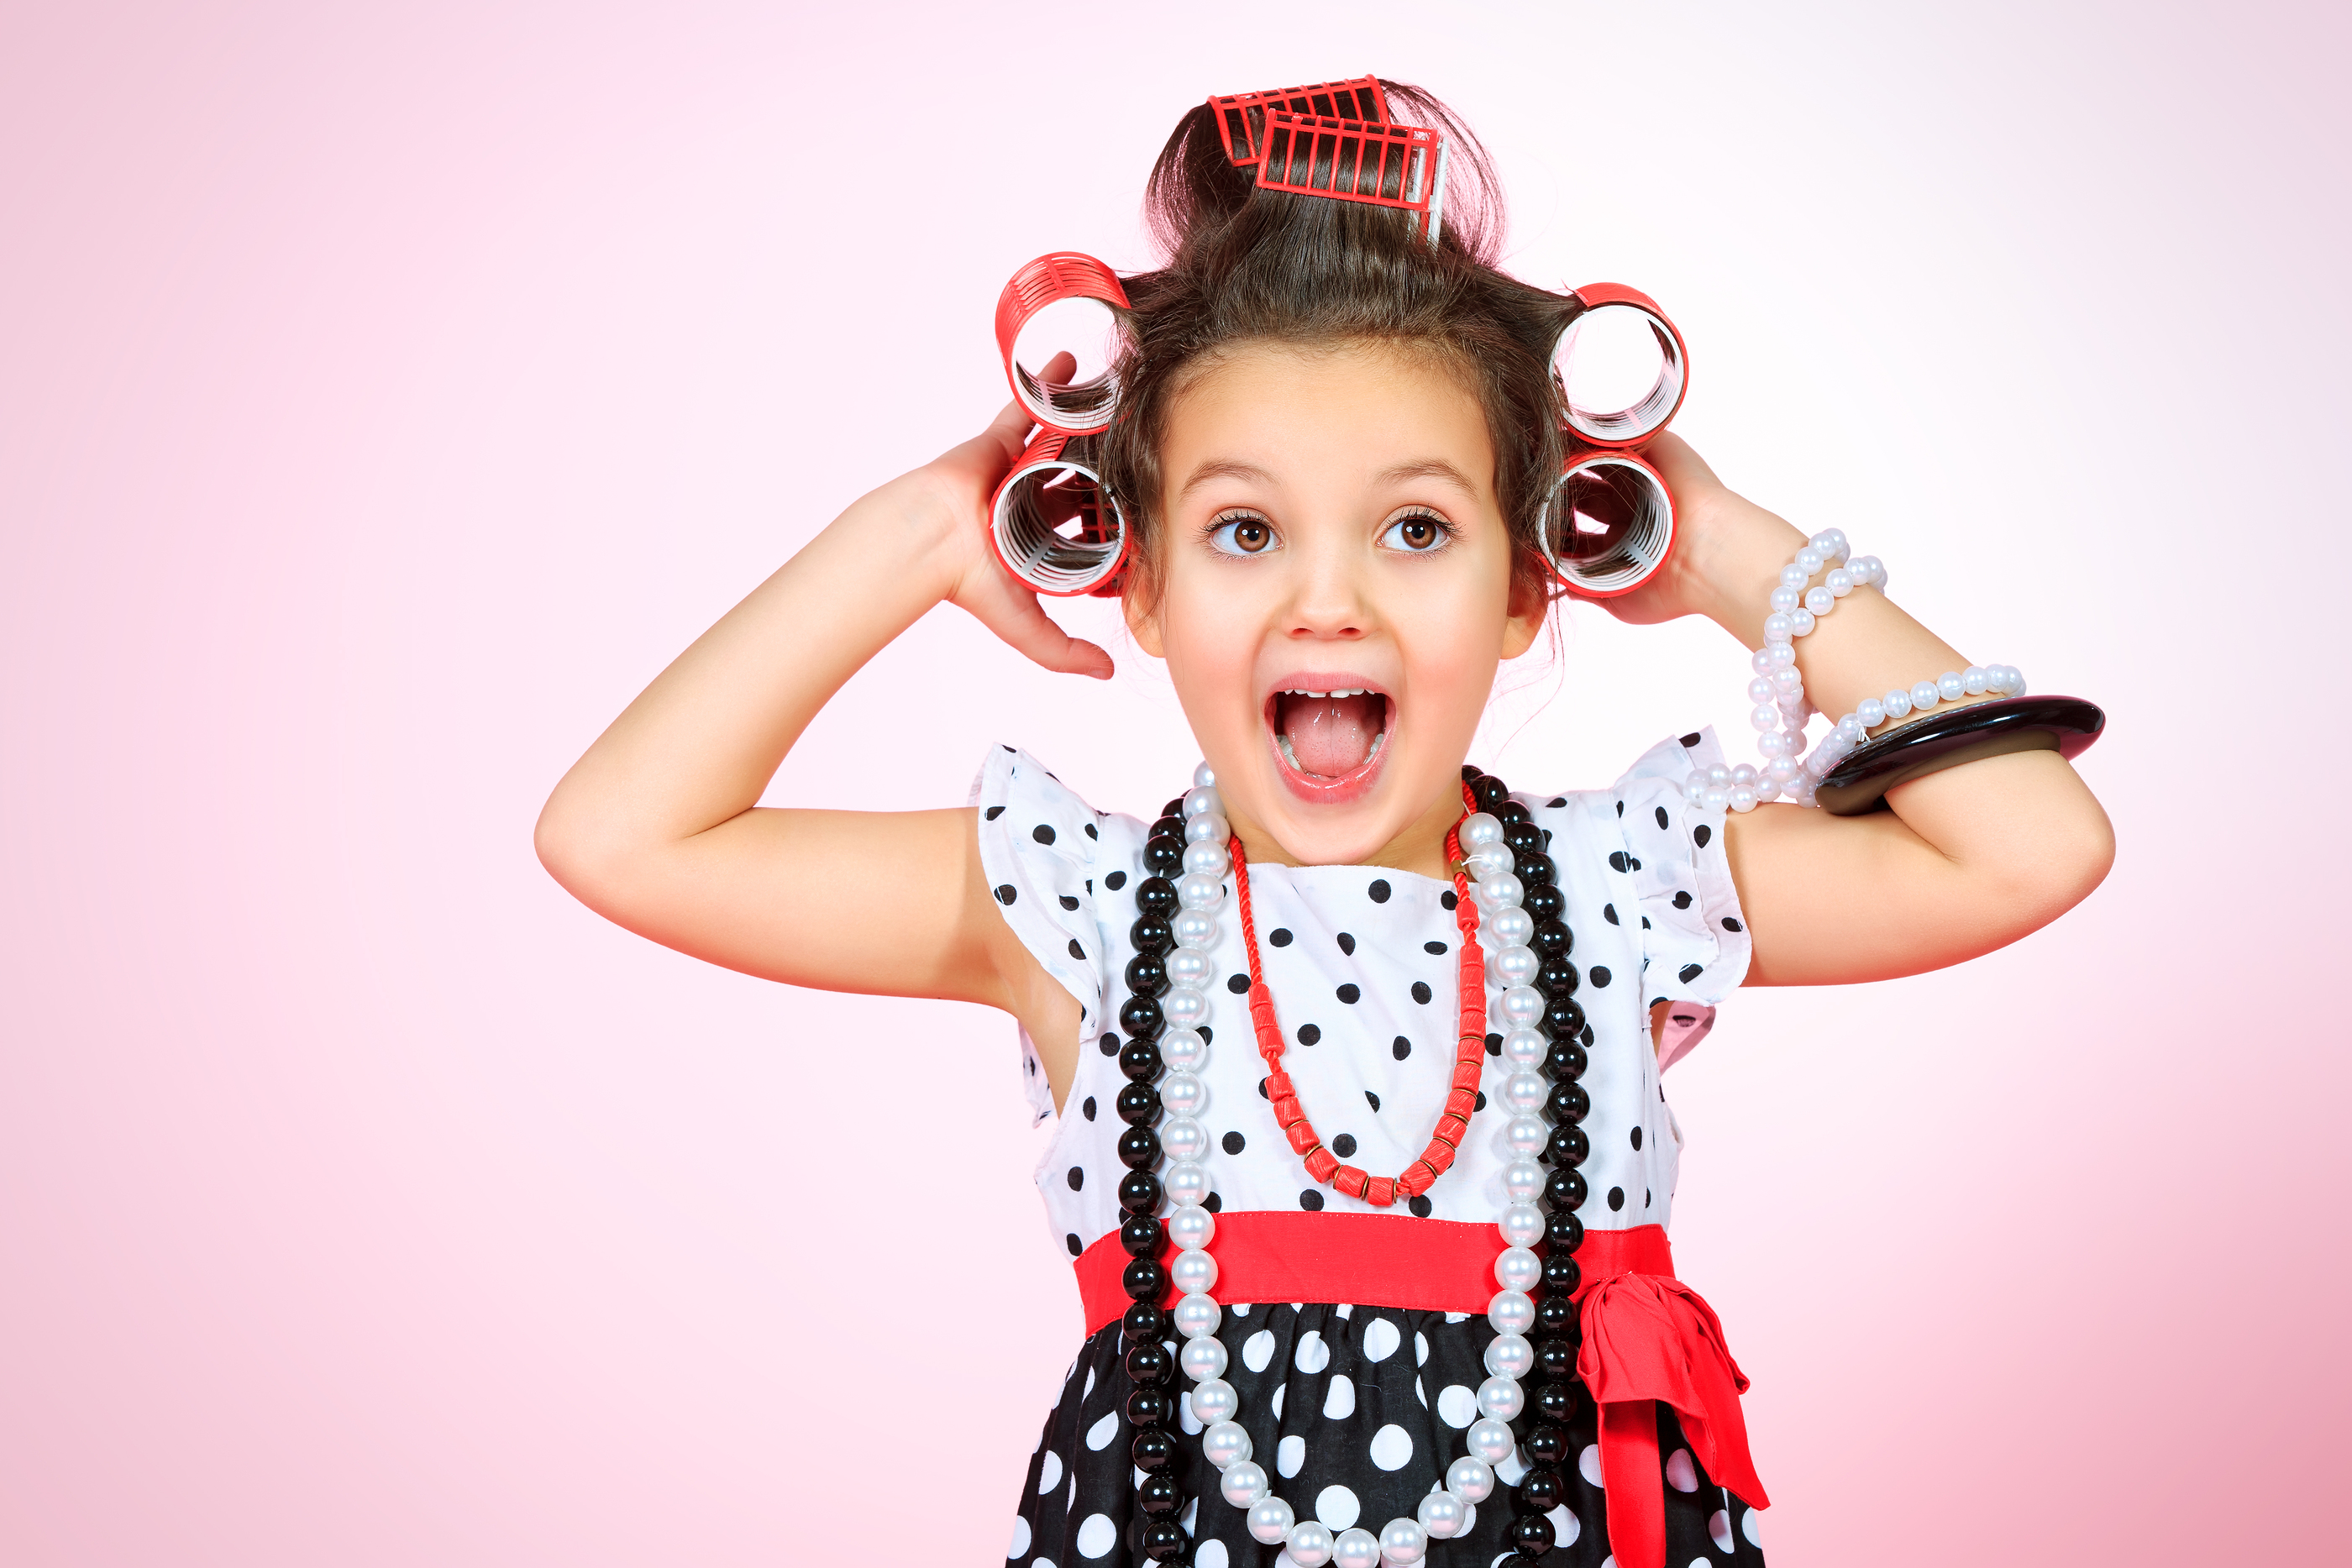 Кроха косметика для детей купить eve confidence купить